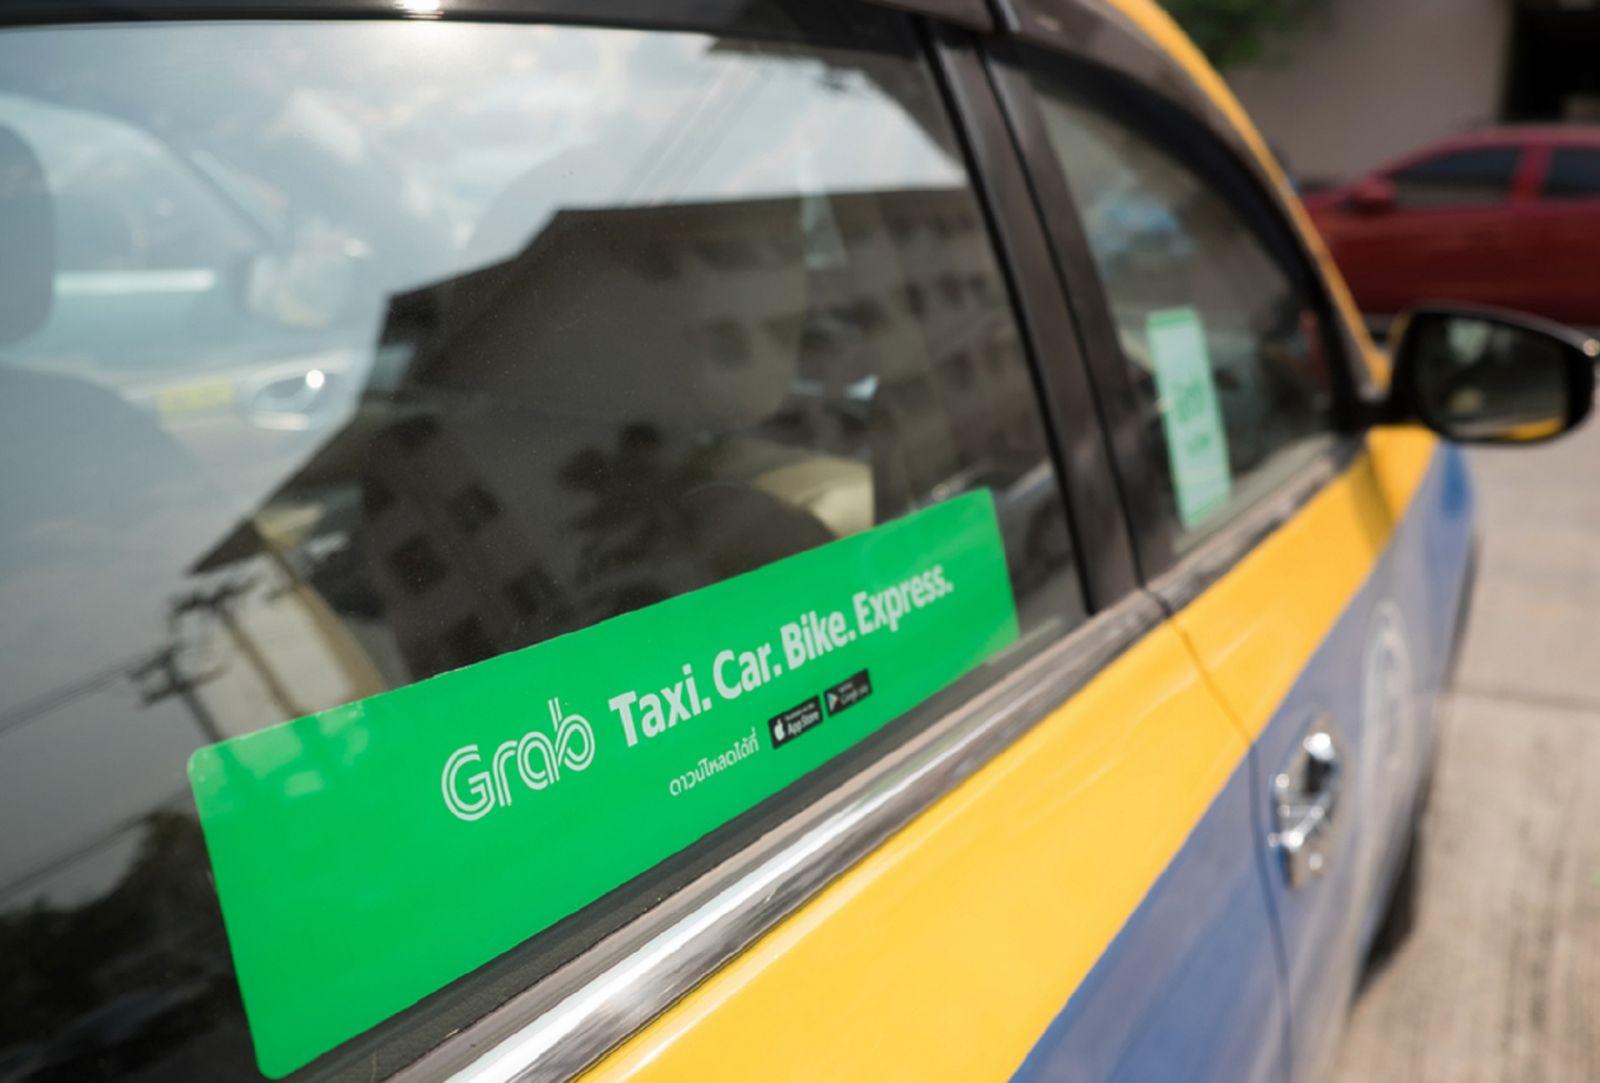 迎戰Uber Grab投資一億美金發展緬甸市場